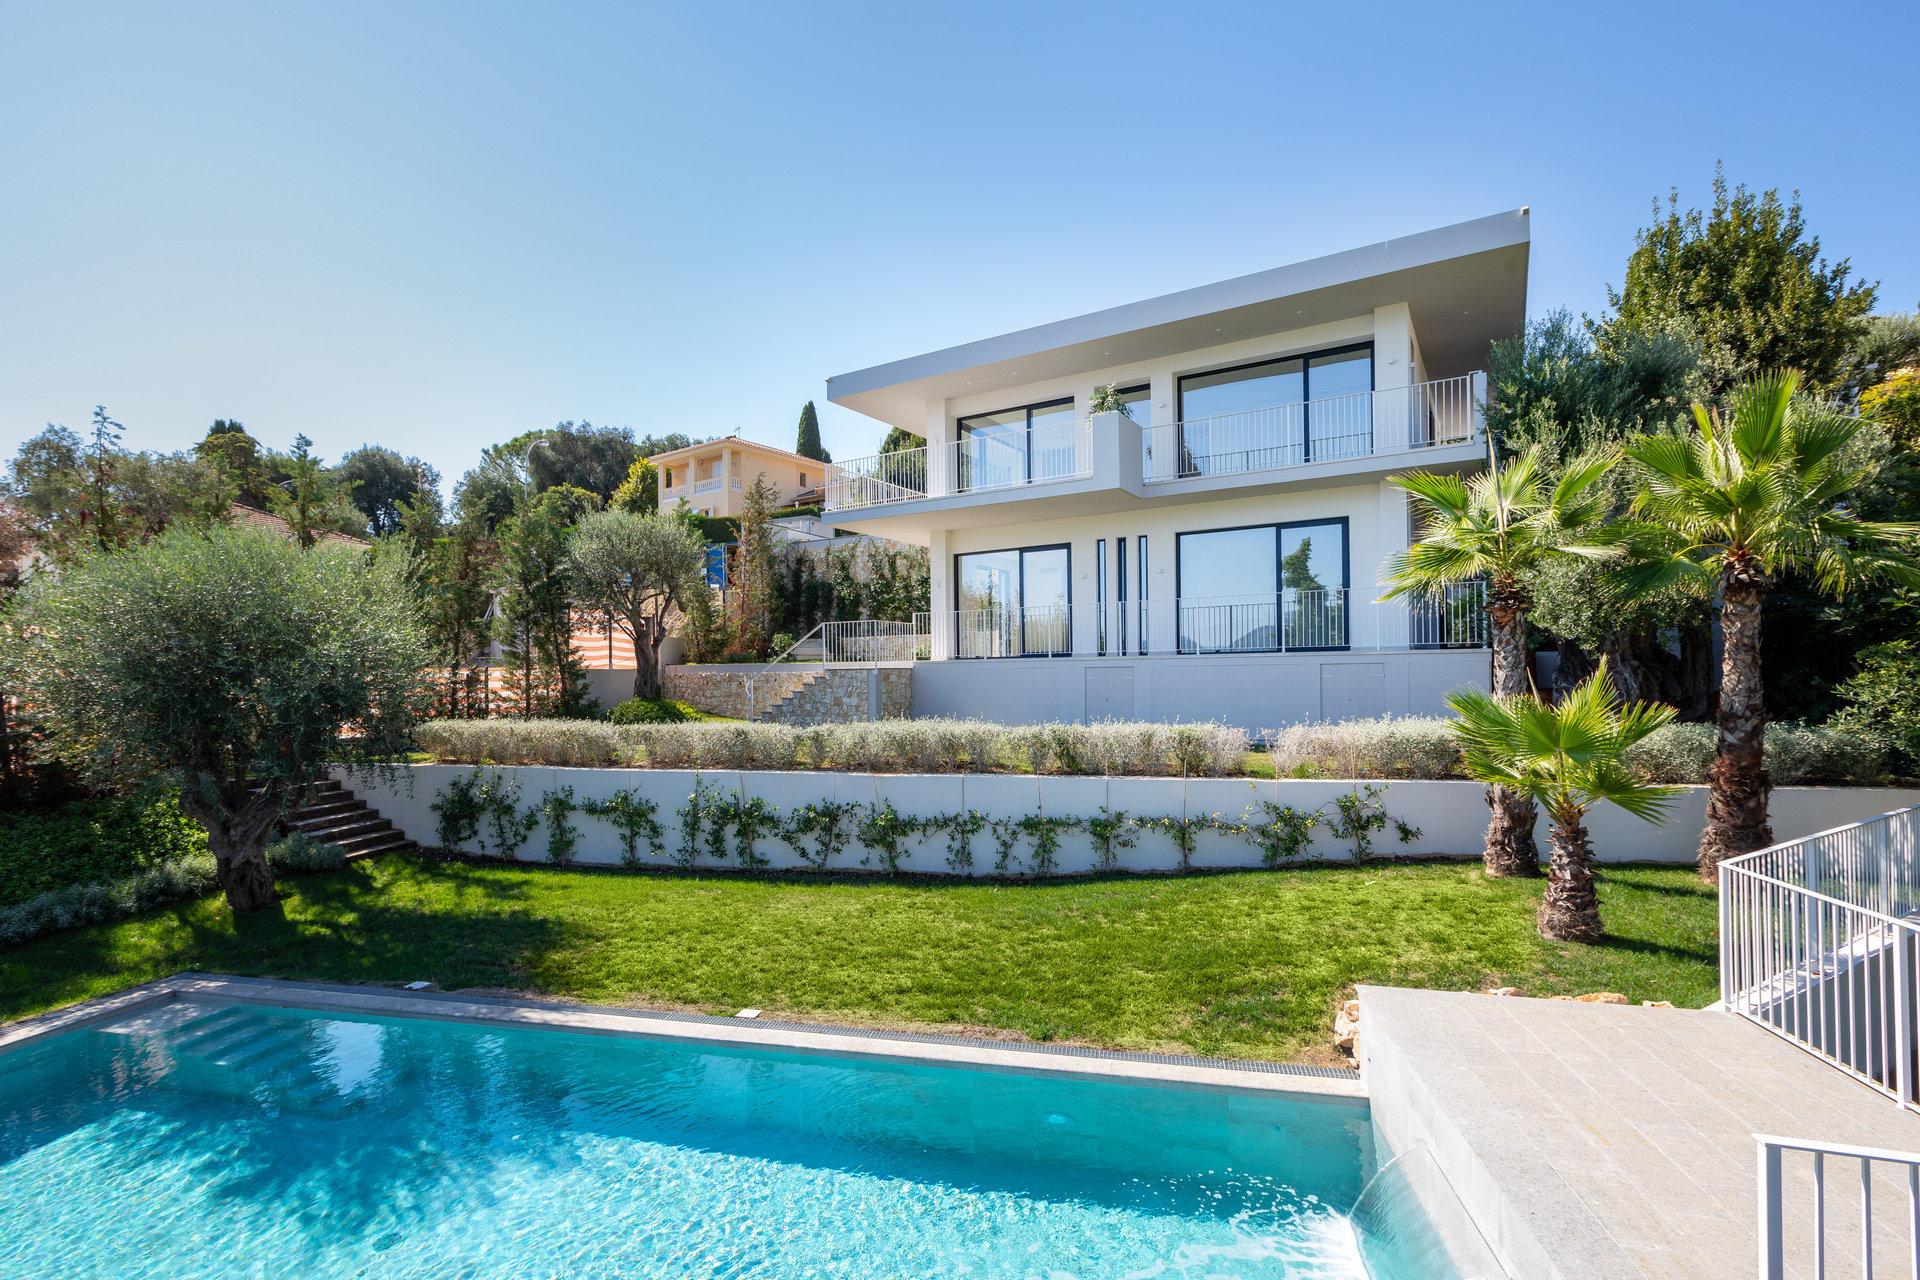 Verkauf Villa - Roquebrune-Cap-Martin - Frankreich